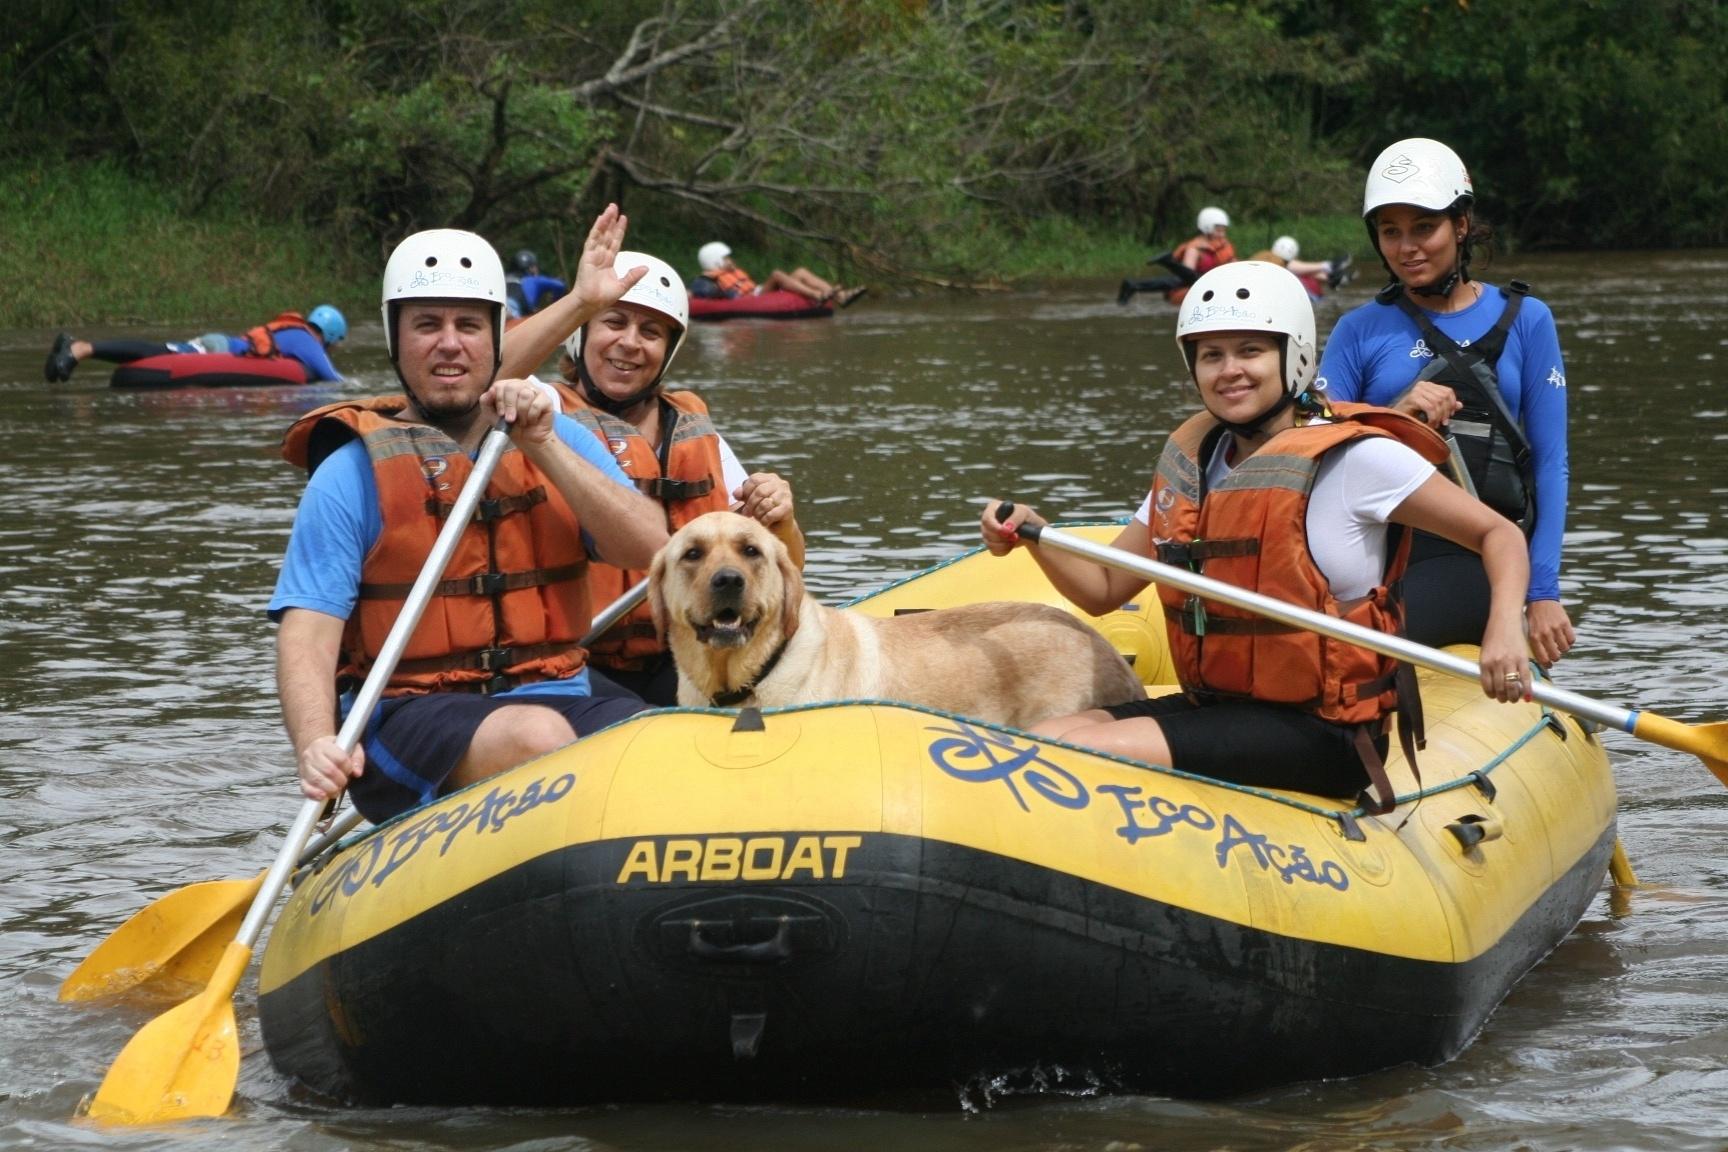 Na imagem, um grupo de 4 pessoas e 1 cachorro, estão sobre um bote em uma corredeira de água.